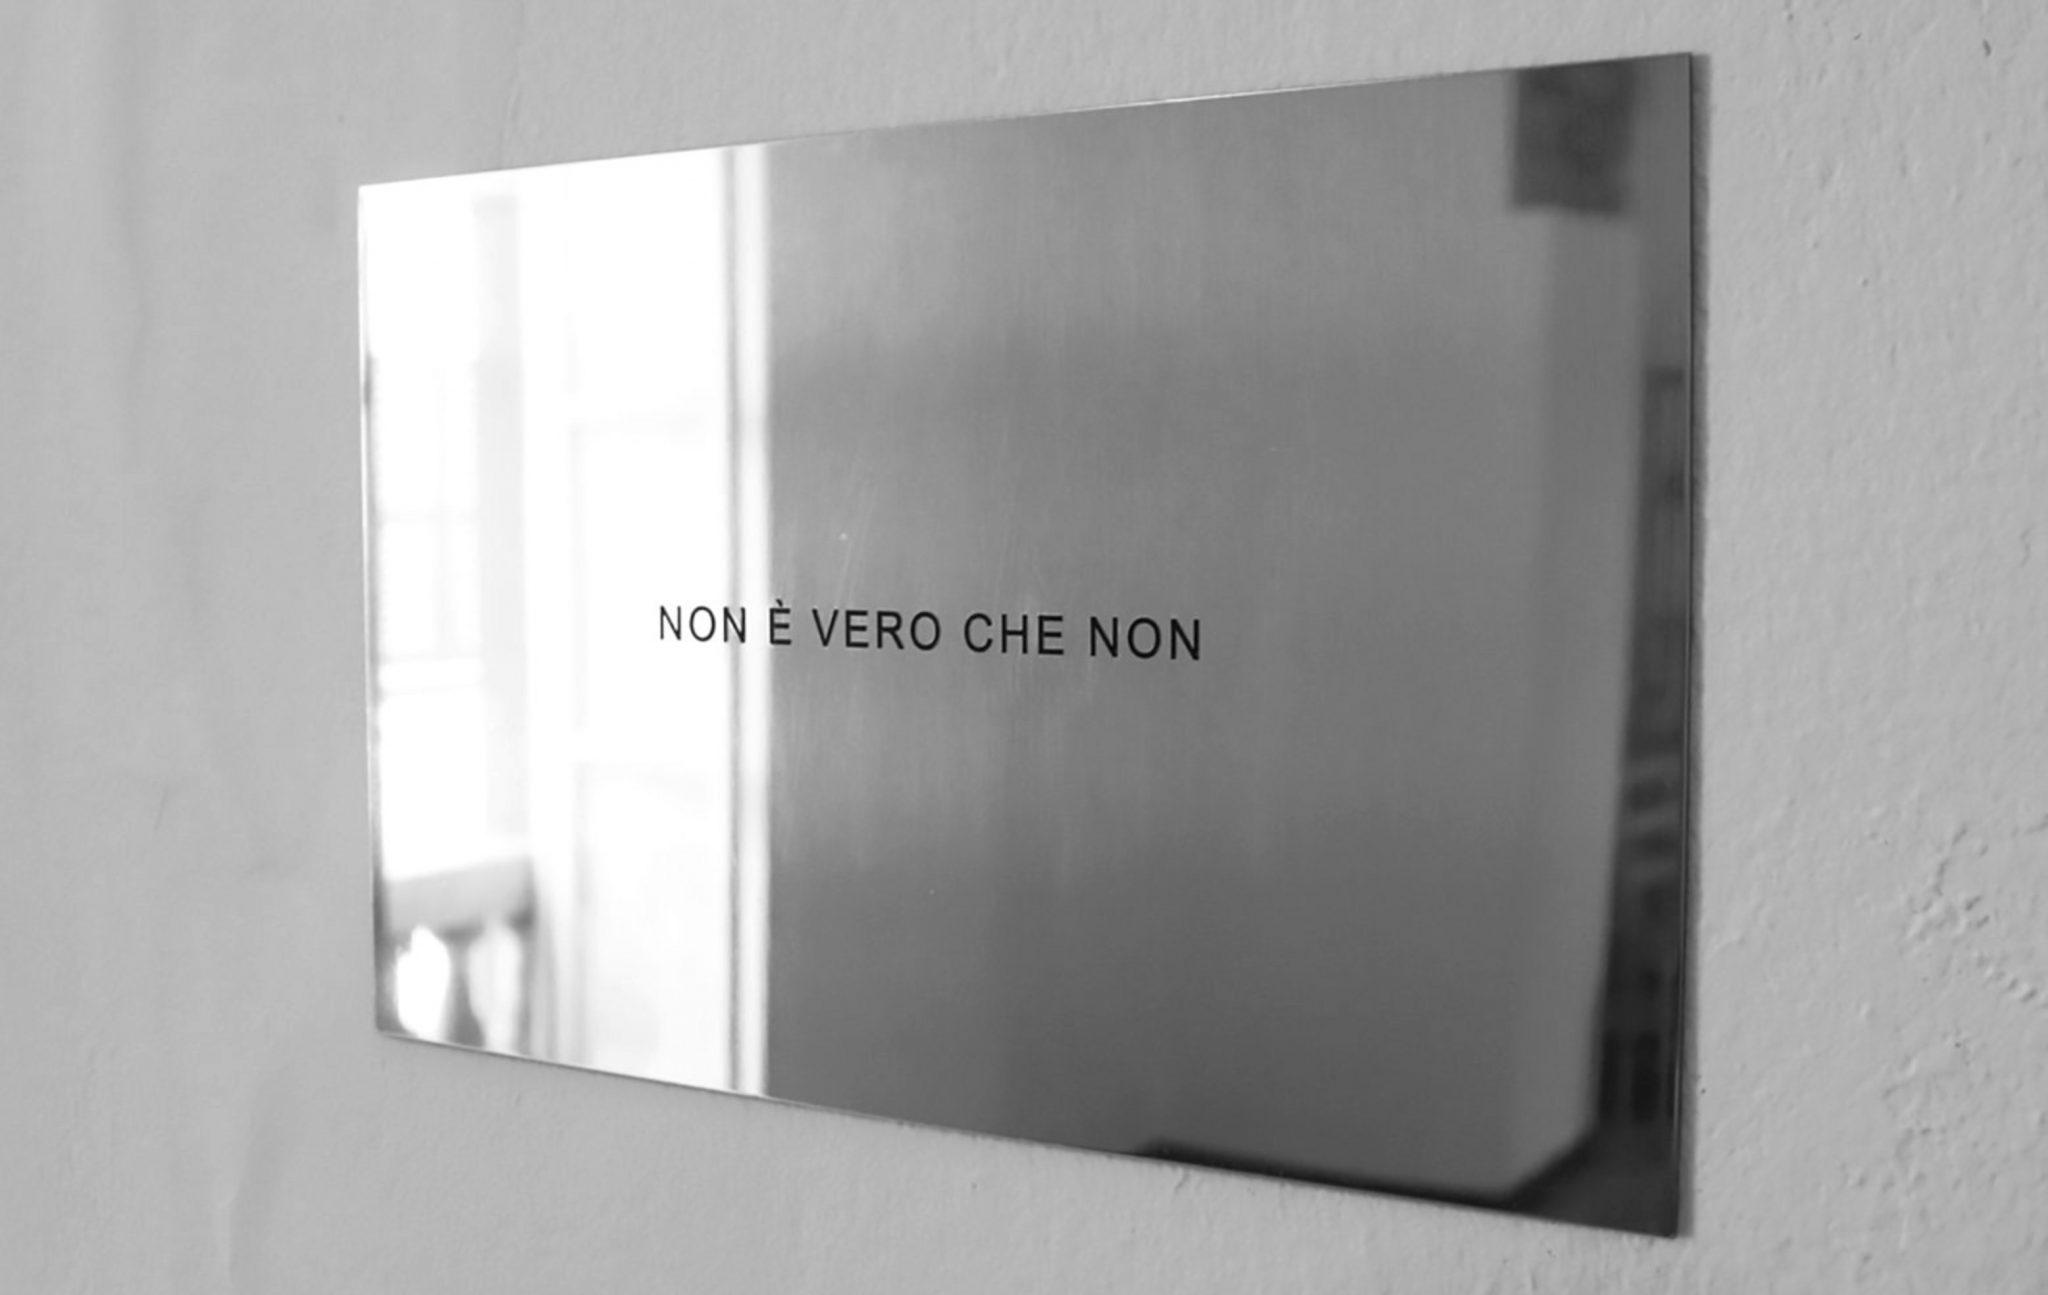 Non è vero che non, di Mauro Folci, a Fourteen Artellaro